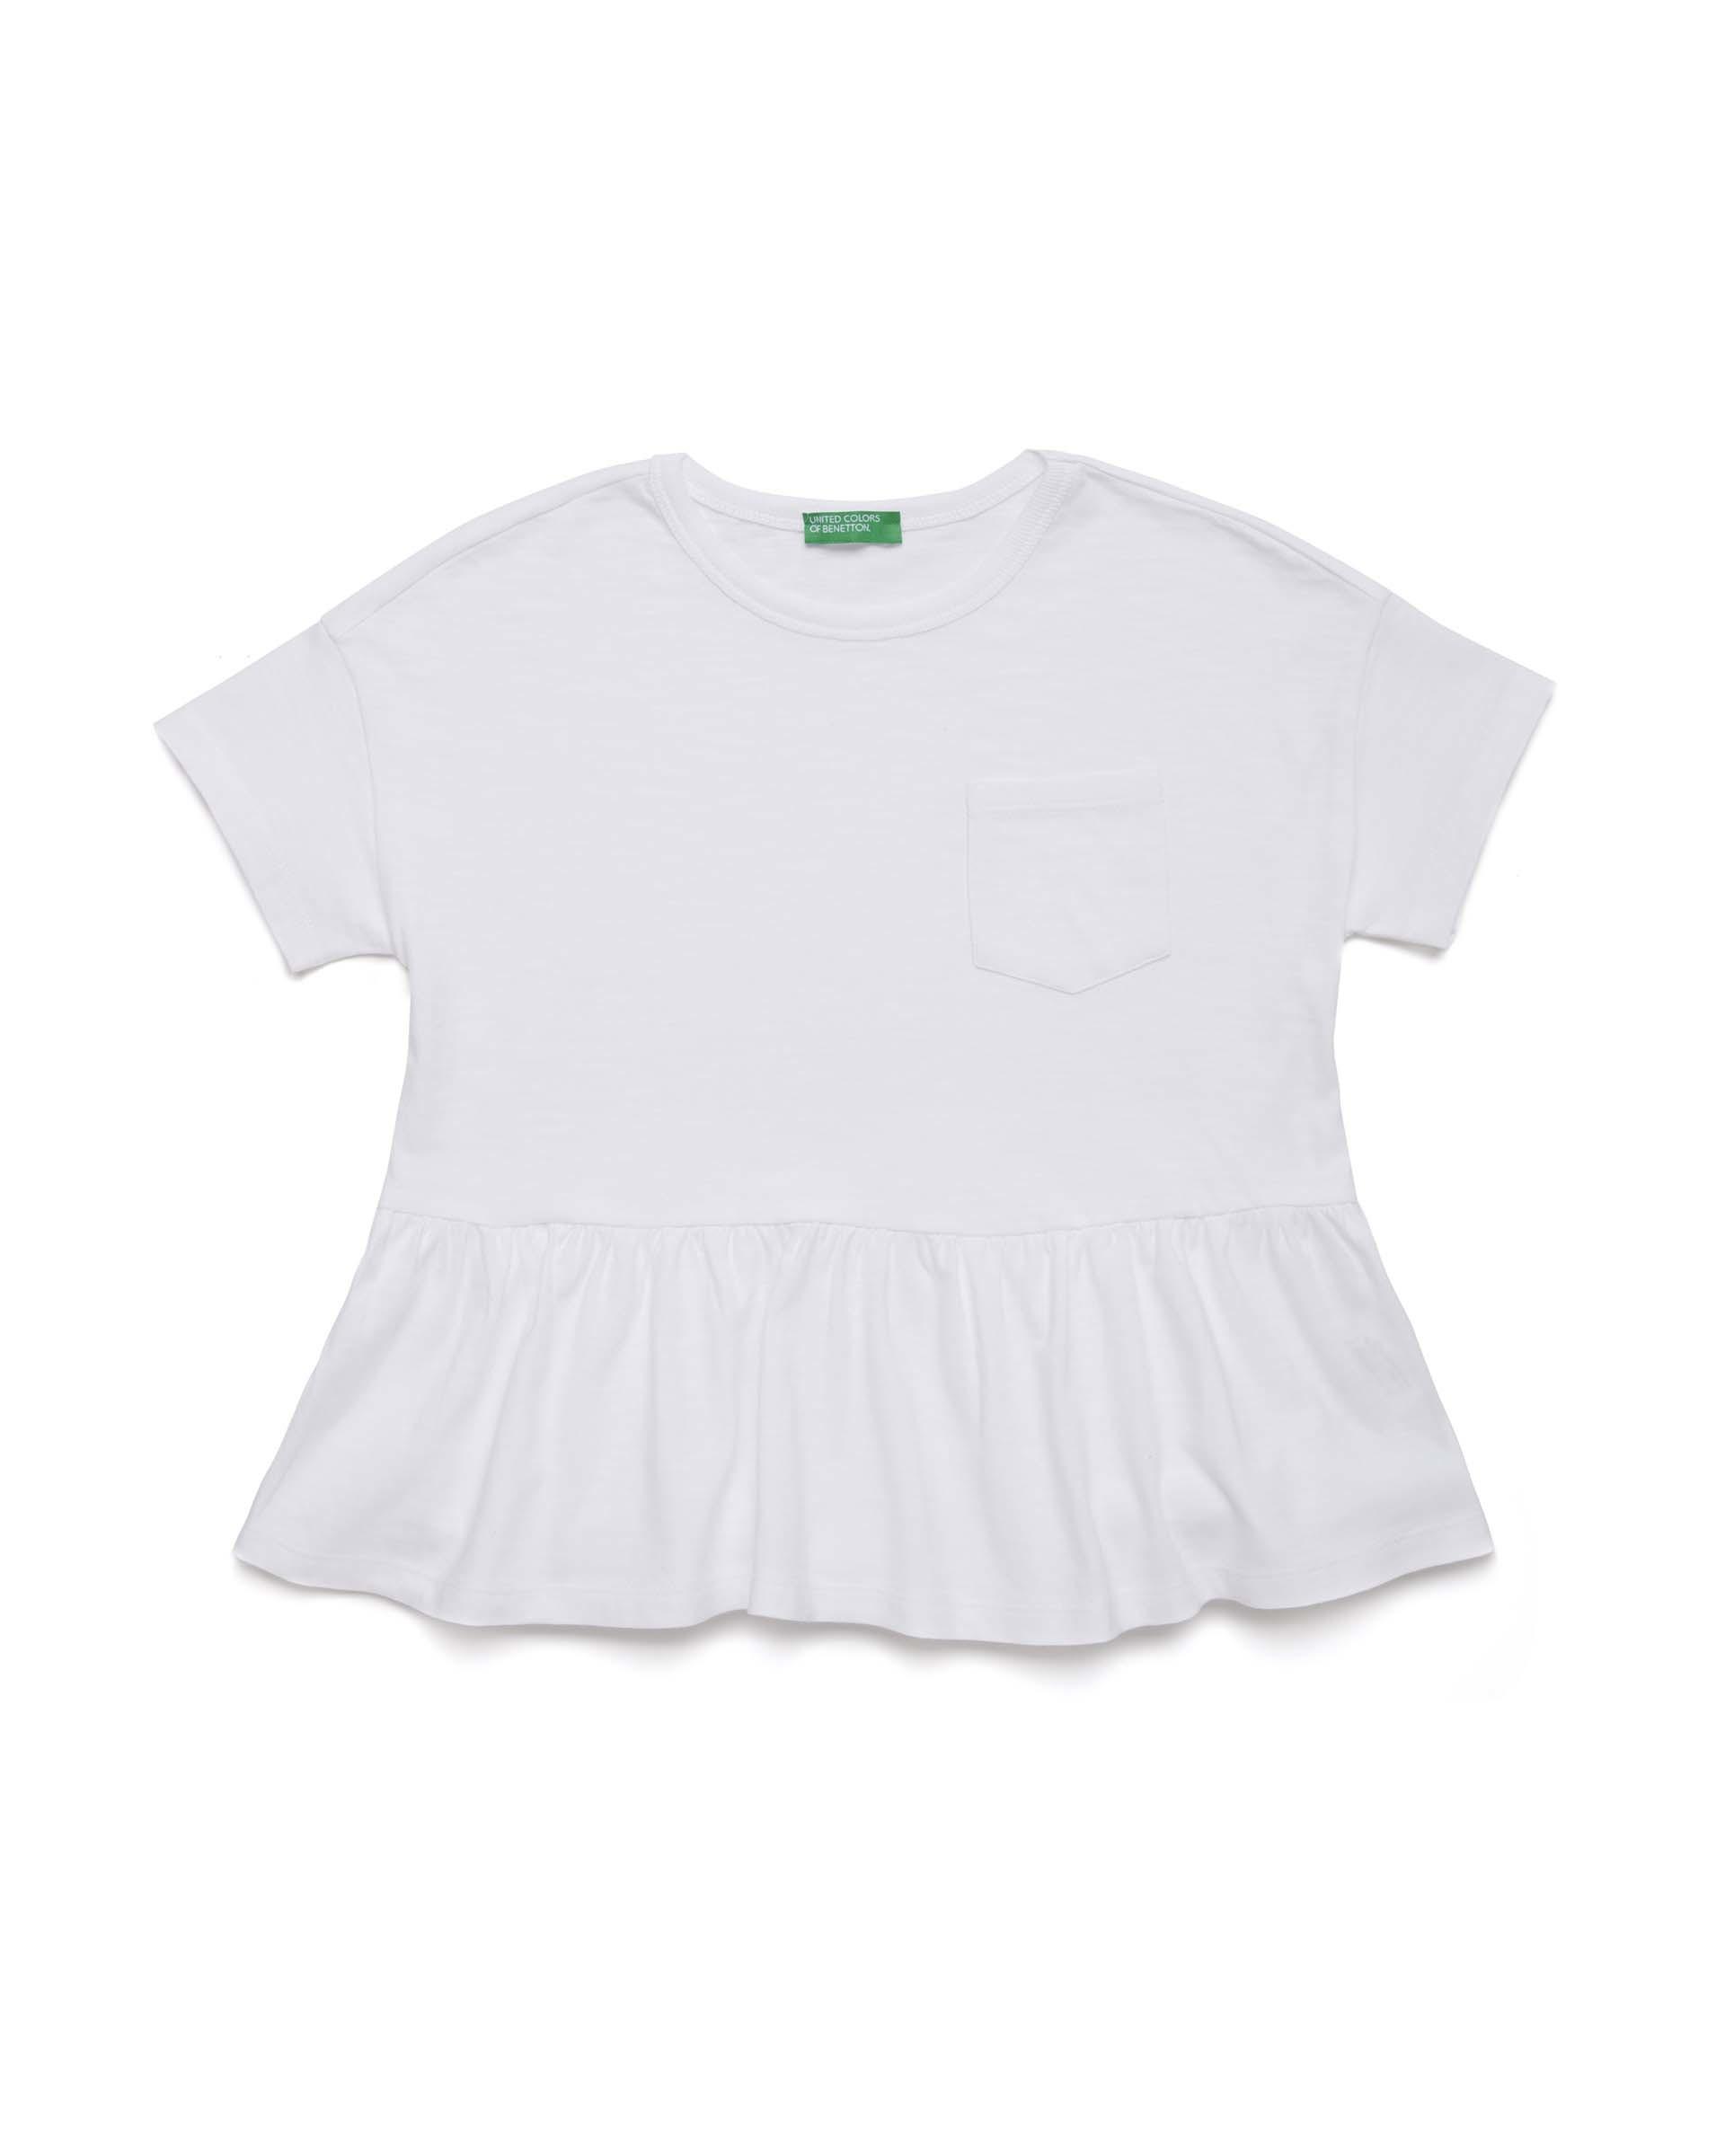 Купить 20P_3BVXC14LV_101, Футболка для девочек Benetton 3BVXC14LV_101 р-р 140, United Colors of Benetton, Футболки для девочек